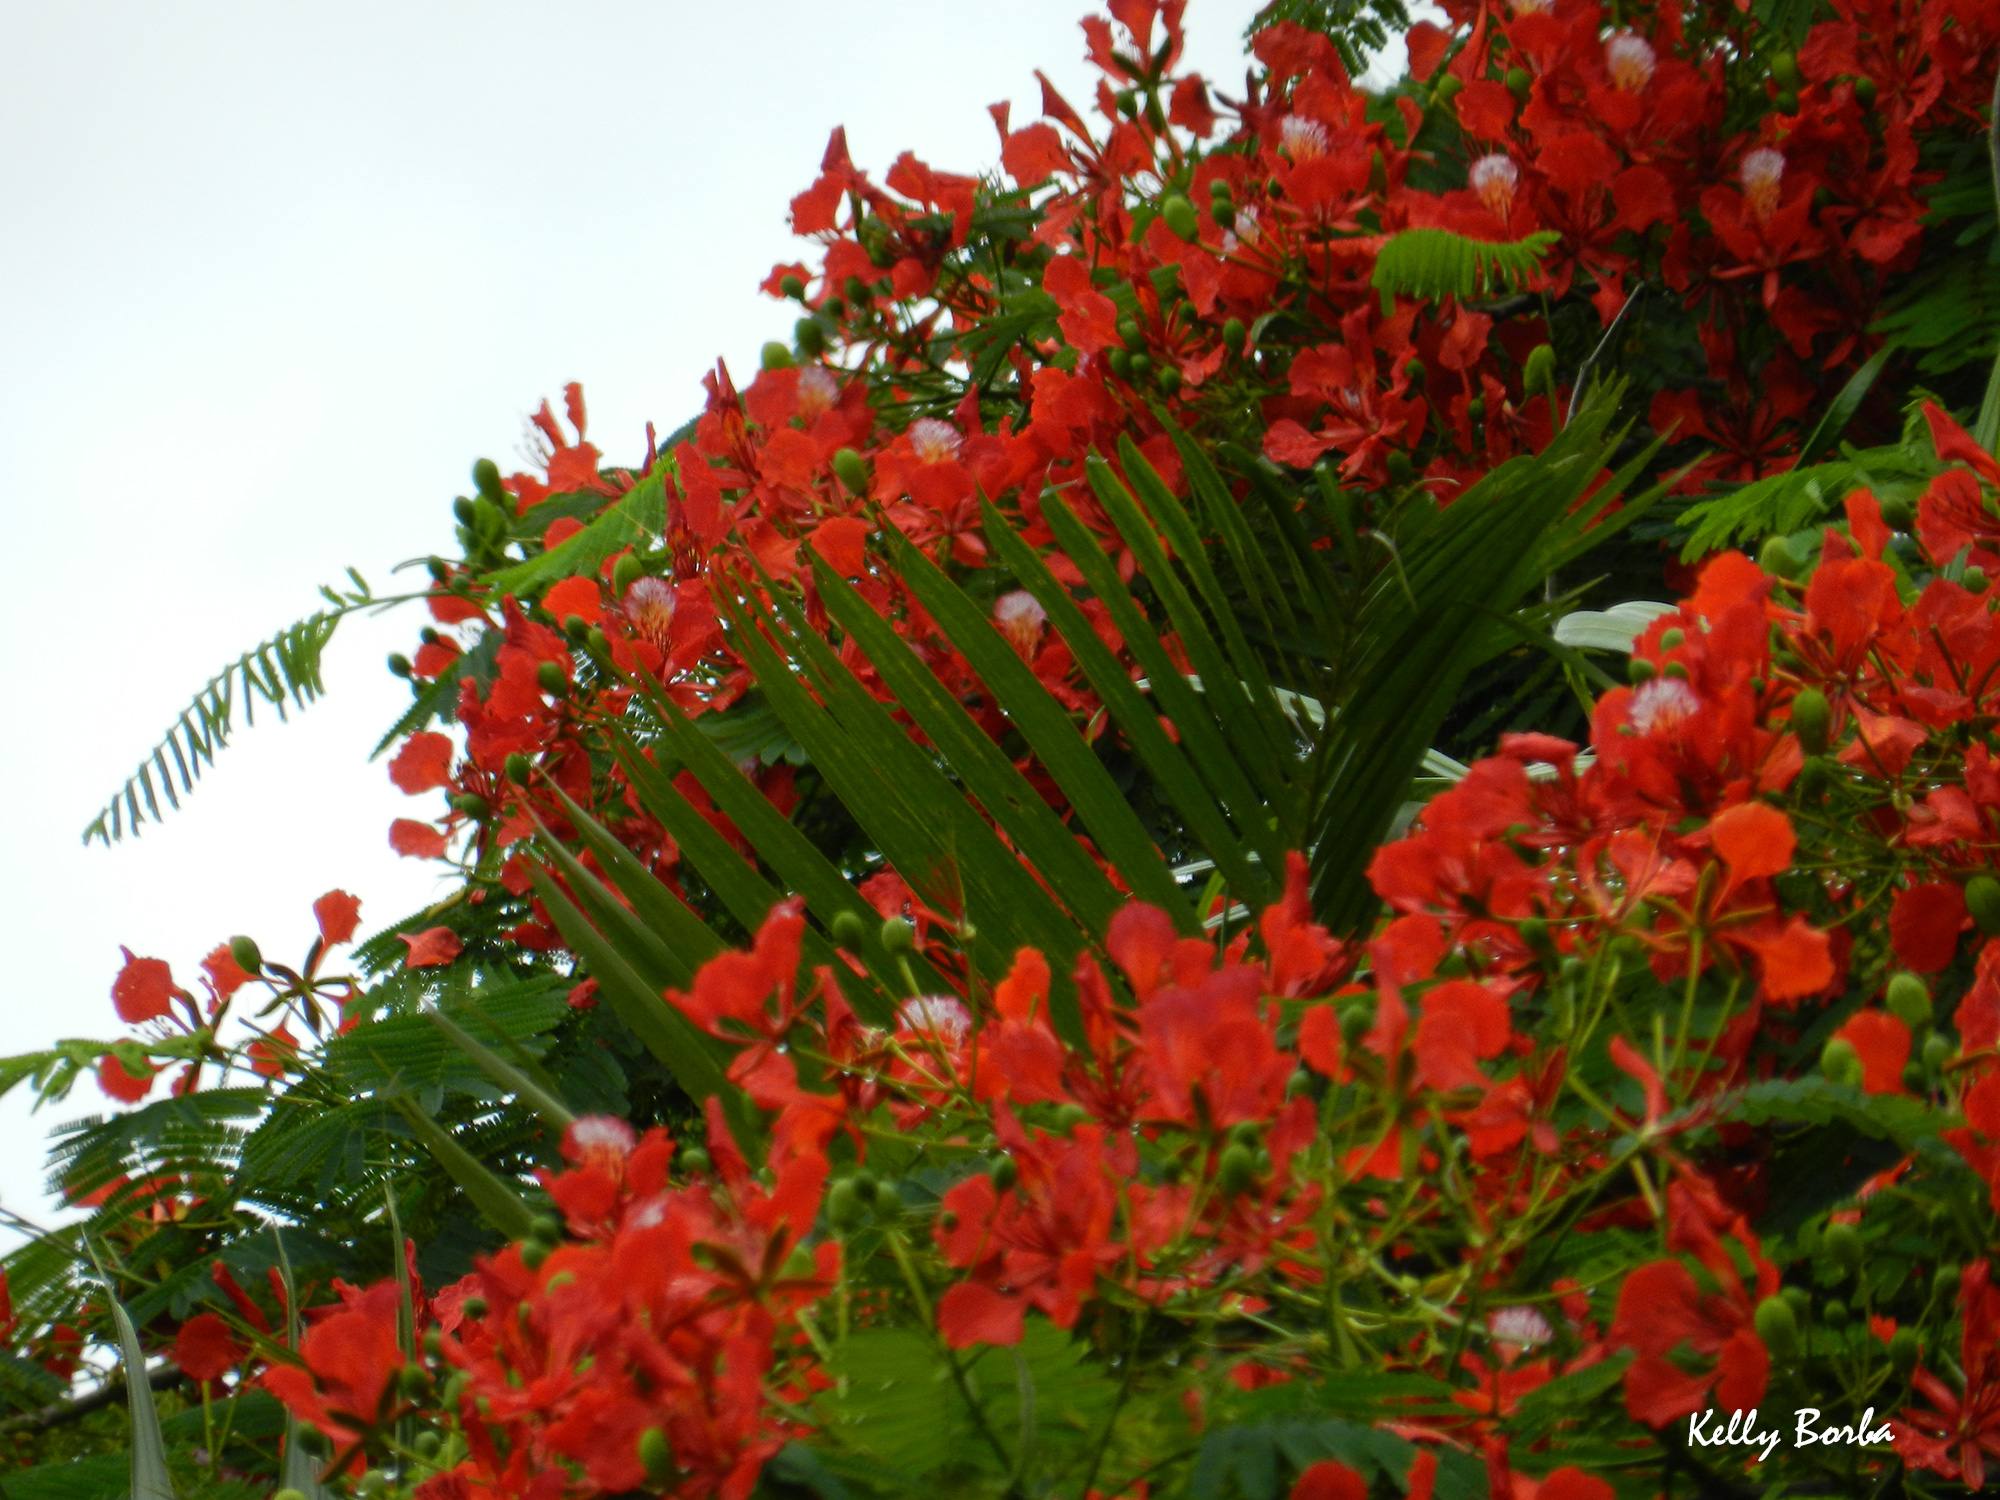 jardim rosas vermelhas:Flores vermelhas